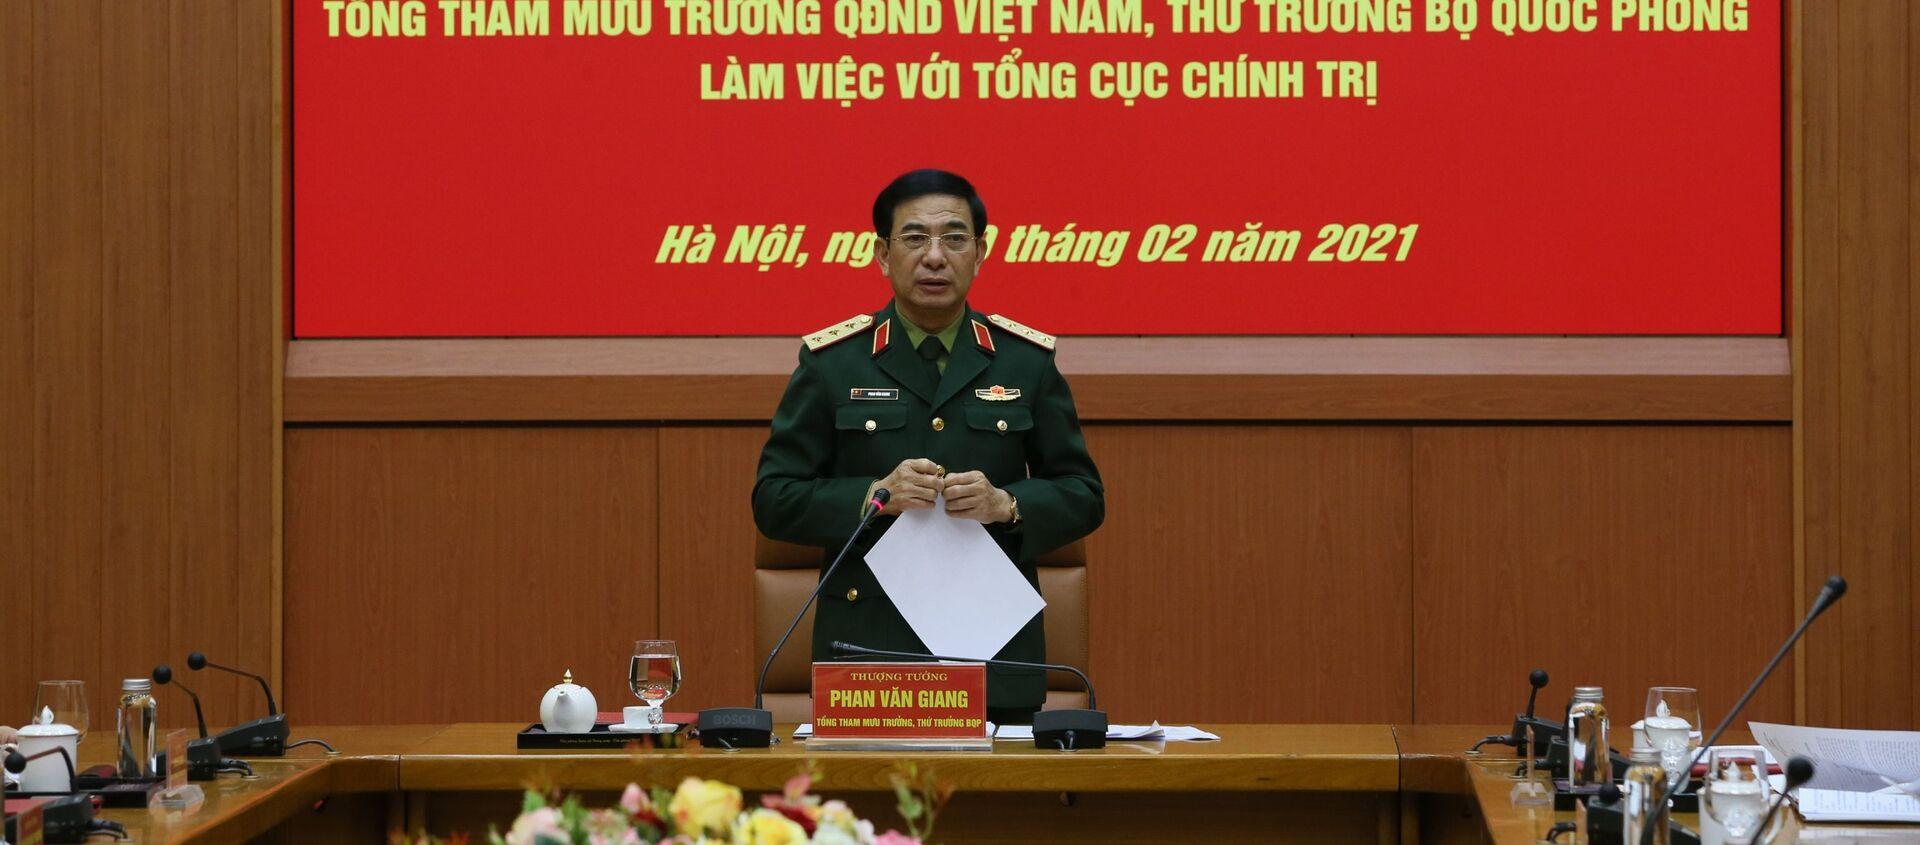 Thứ trưởng Bộ Quốc phòng Phan Văn Giang phát biểu tại buổi làm việc. - Sputnik Việt Nam, 1920, 20.02.2021